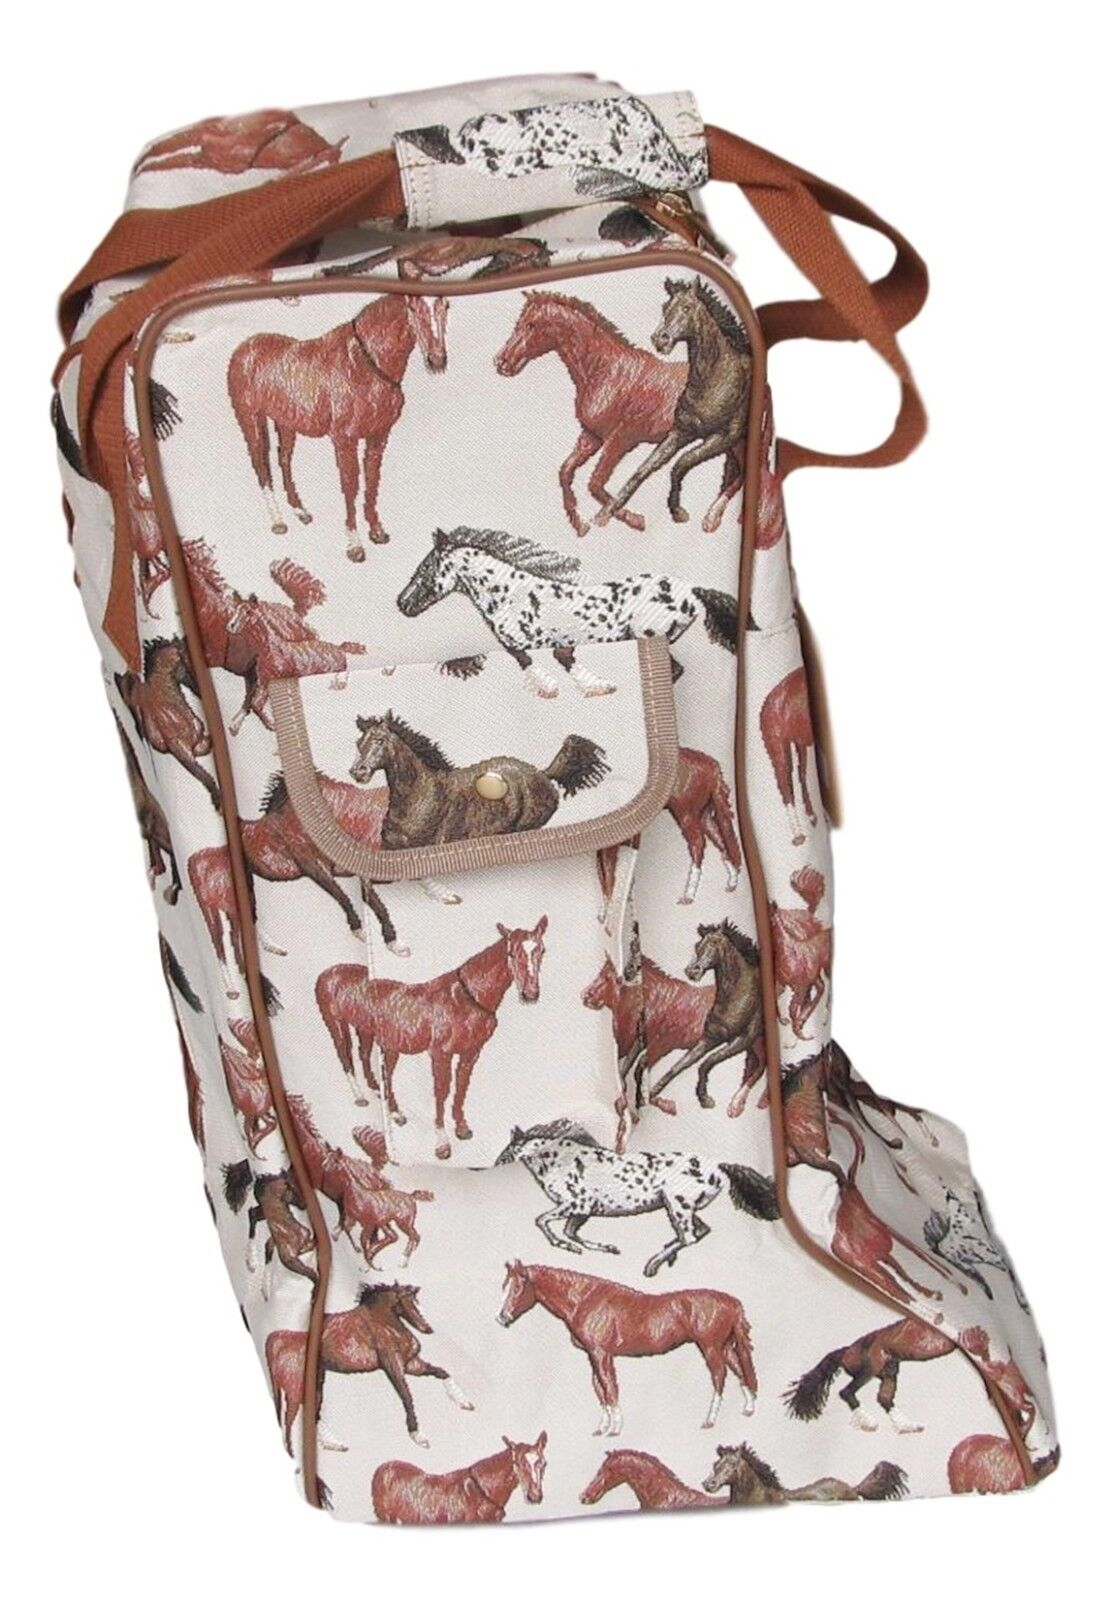 Diseño  de caballo en ejecución tapiz Bota Alta Bolsa De Almacenamiento Bolsa De Transporte  Envío rápido y el mejor servicio